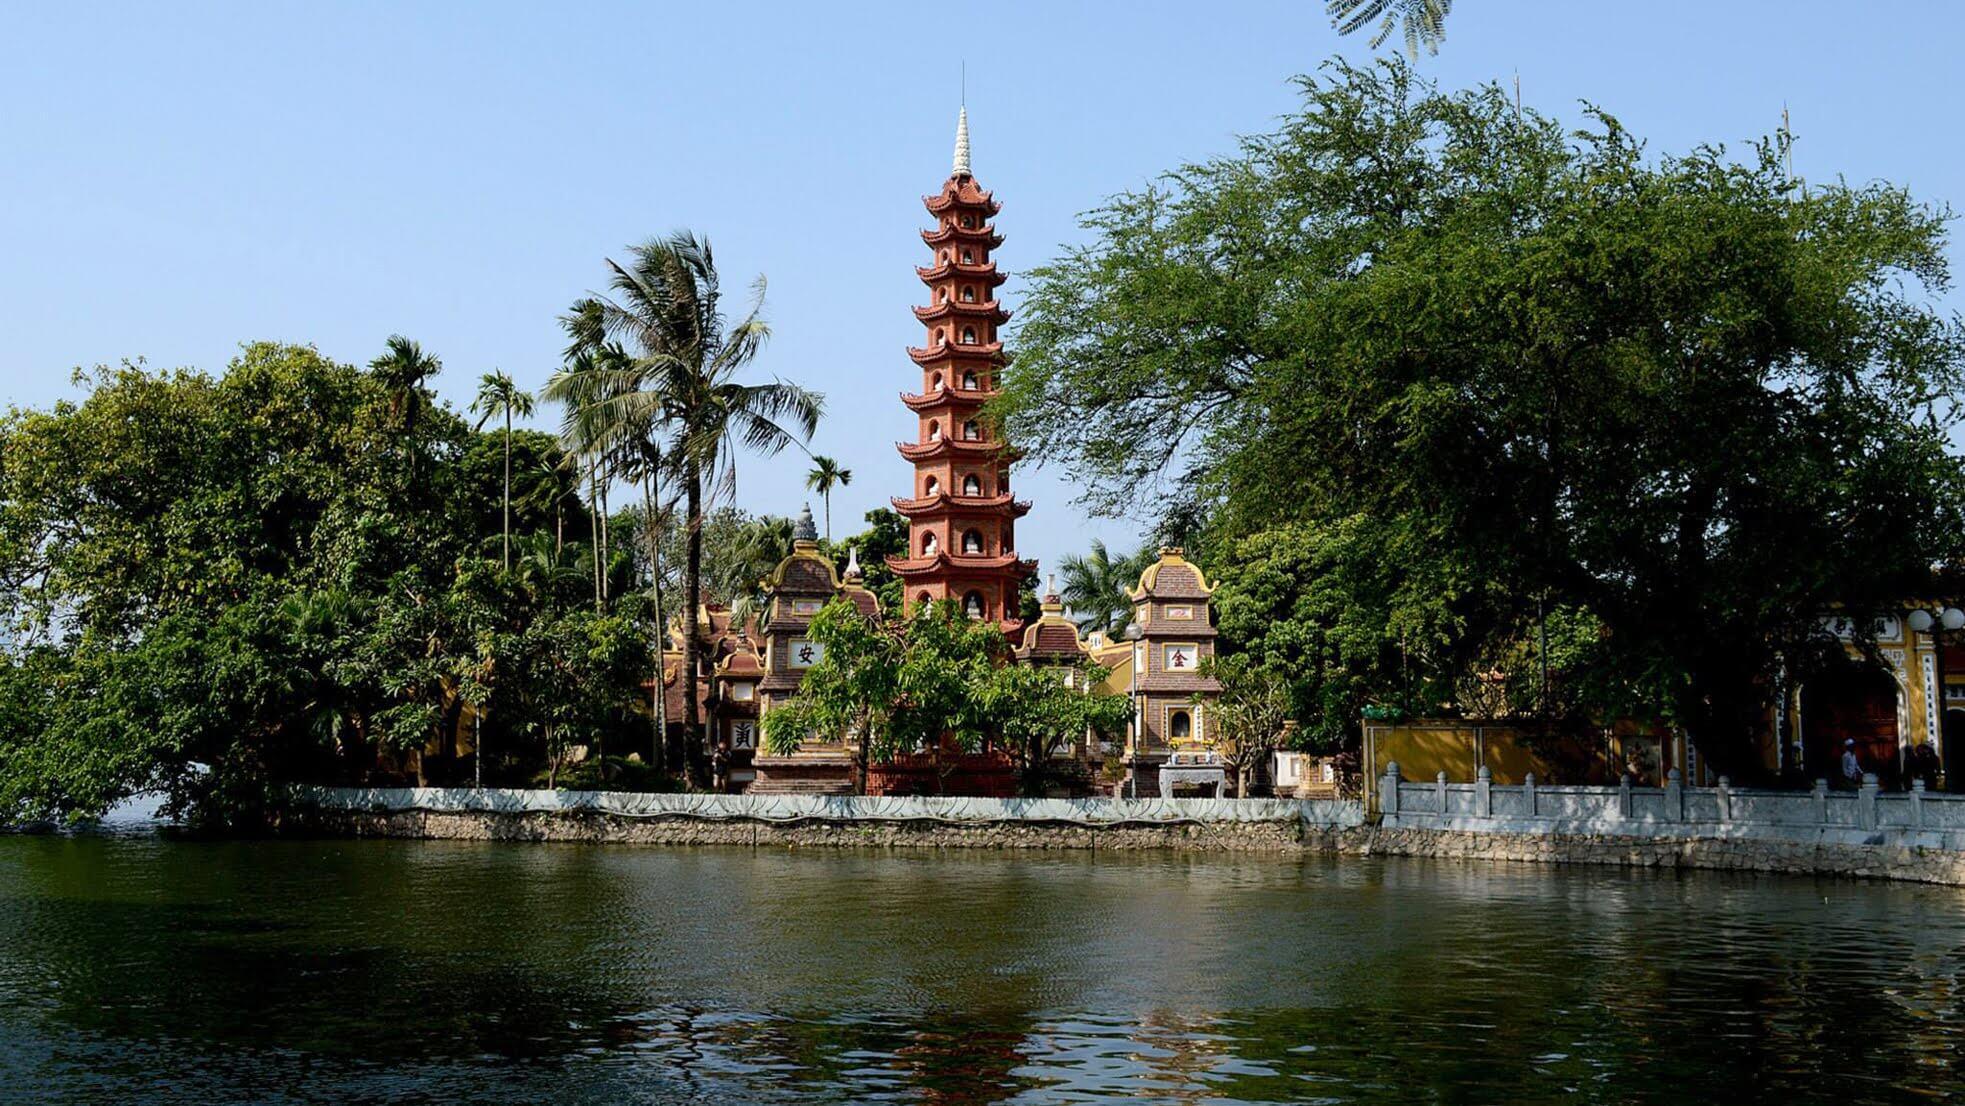 Chùa Trấn Quốc một trong những địa điểm du lịch đẹp ở Hà Nội